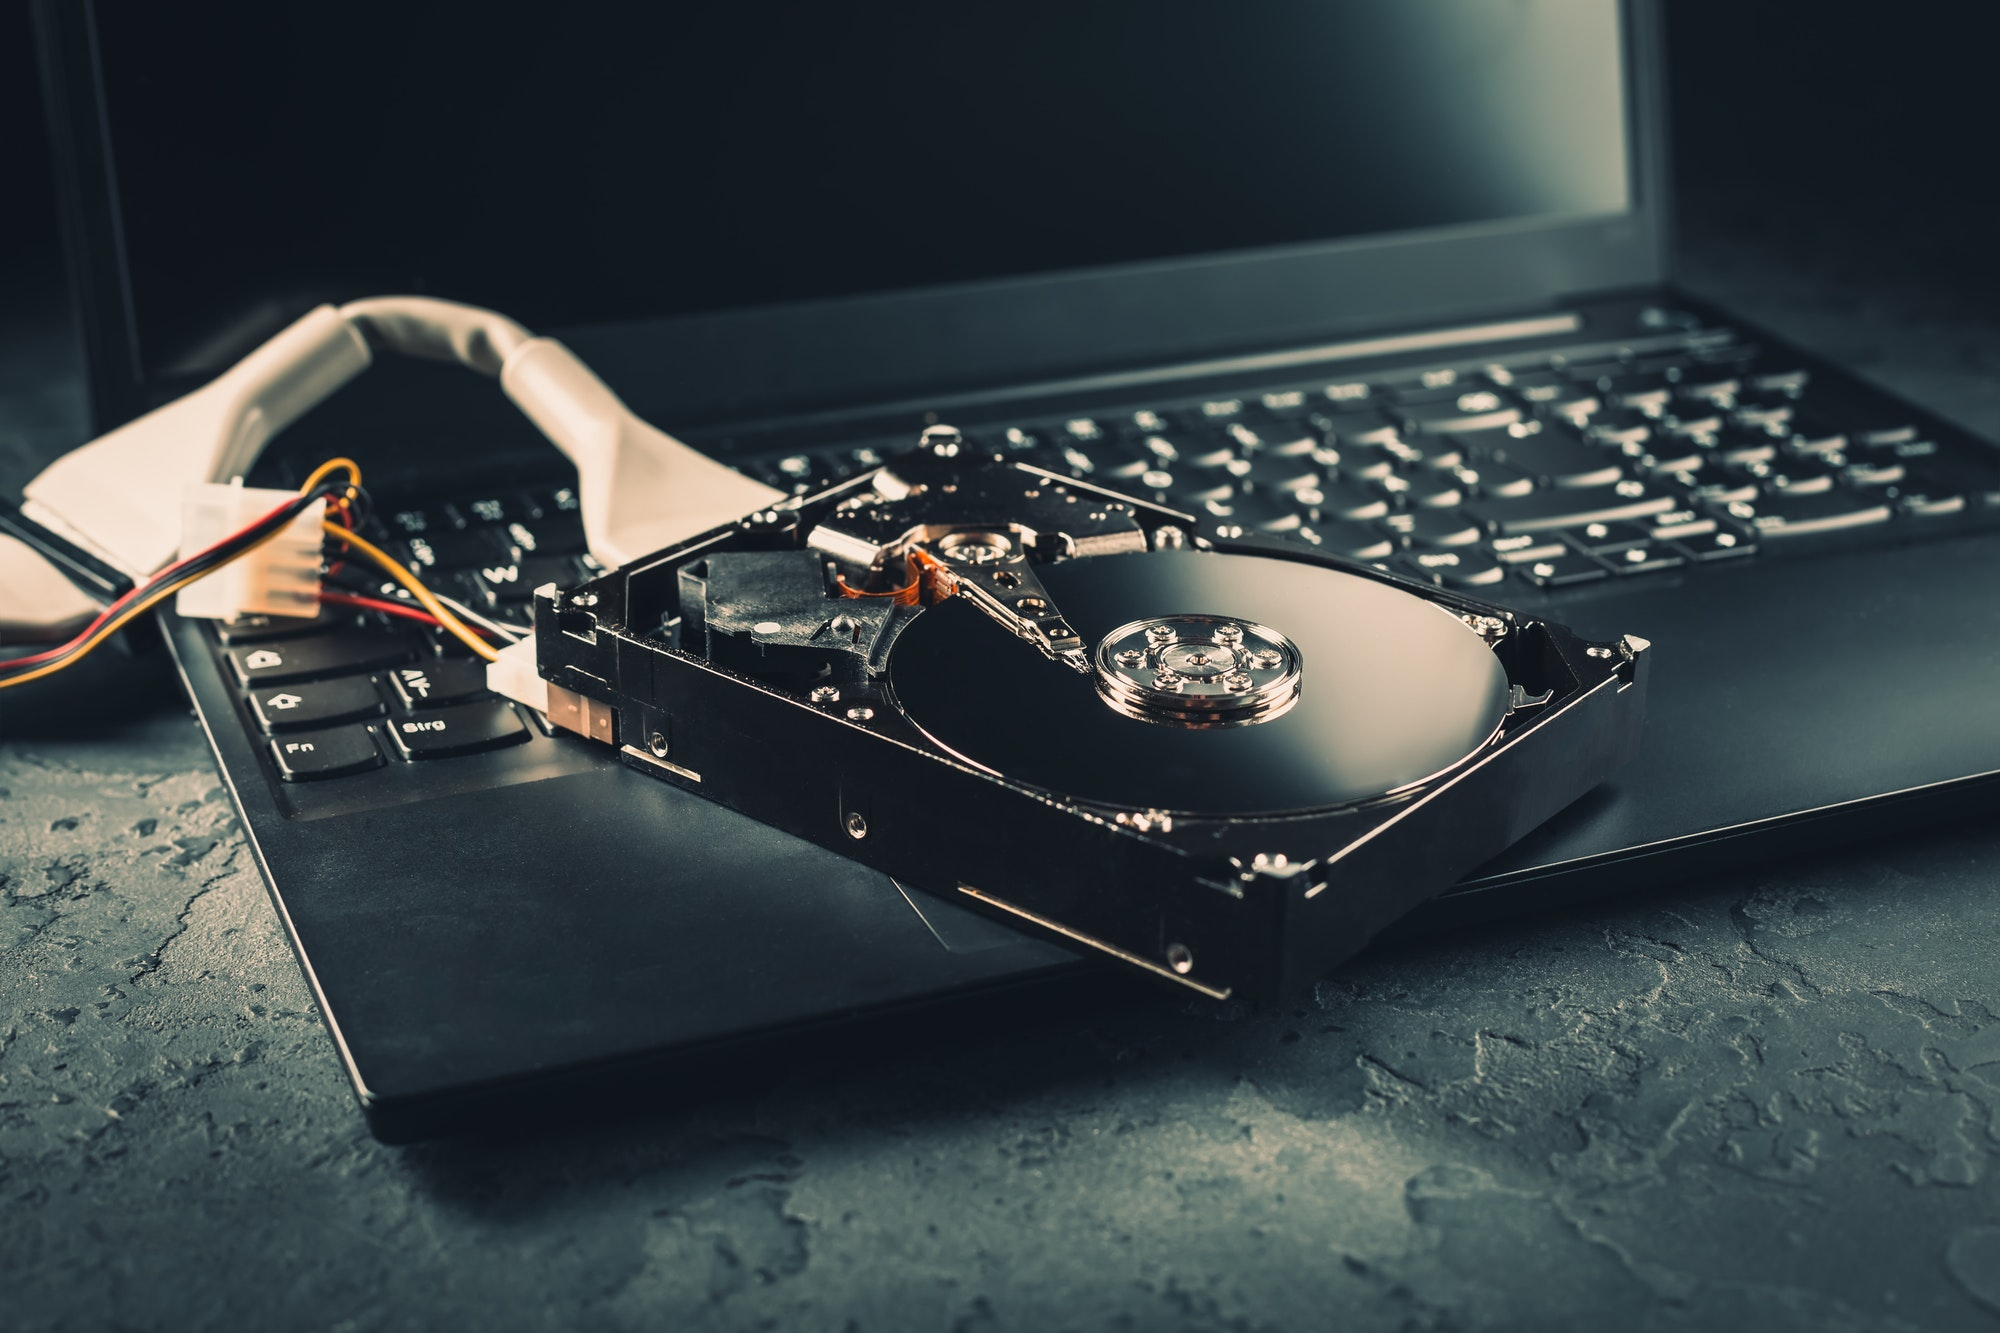 Open Hard drive on keyboard of laptop in dark tone